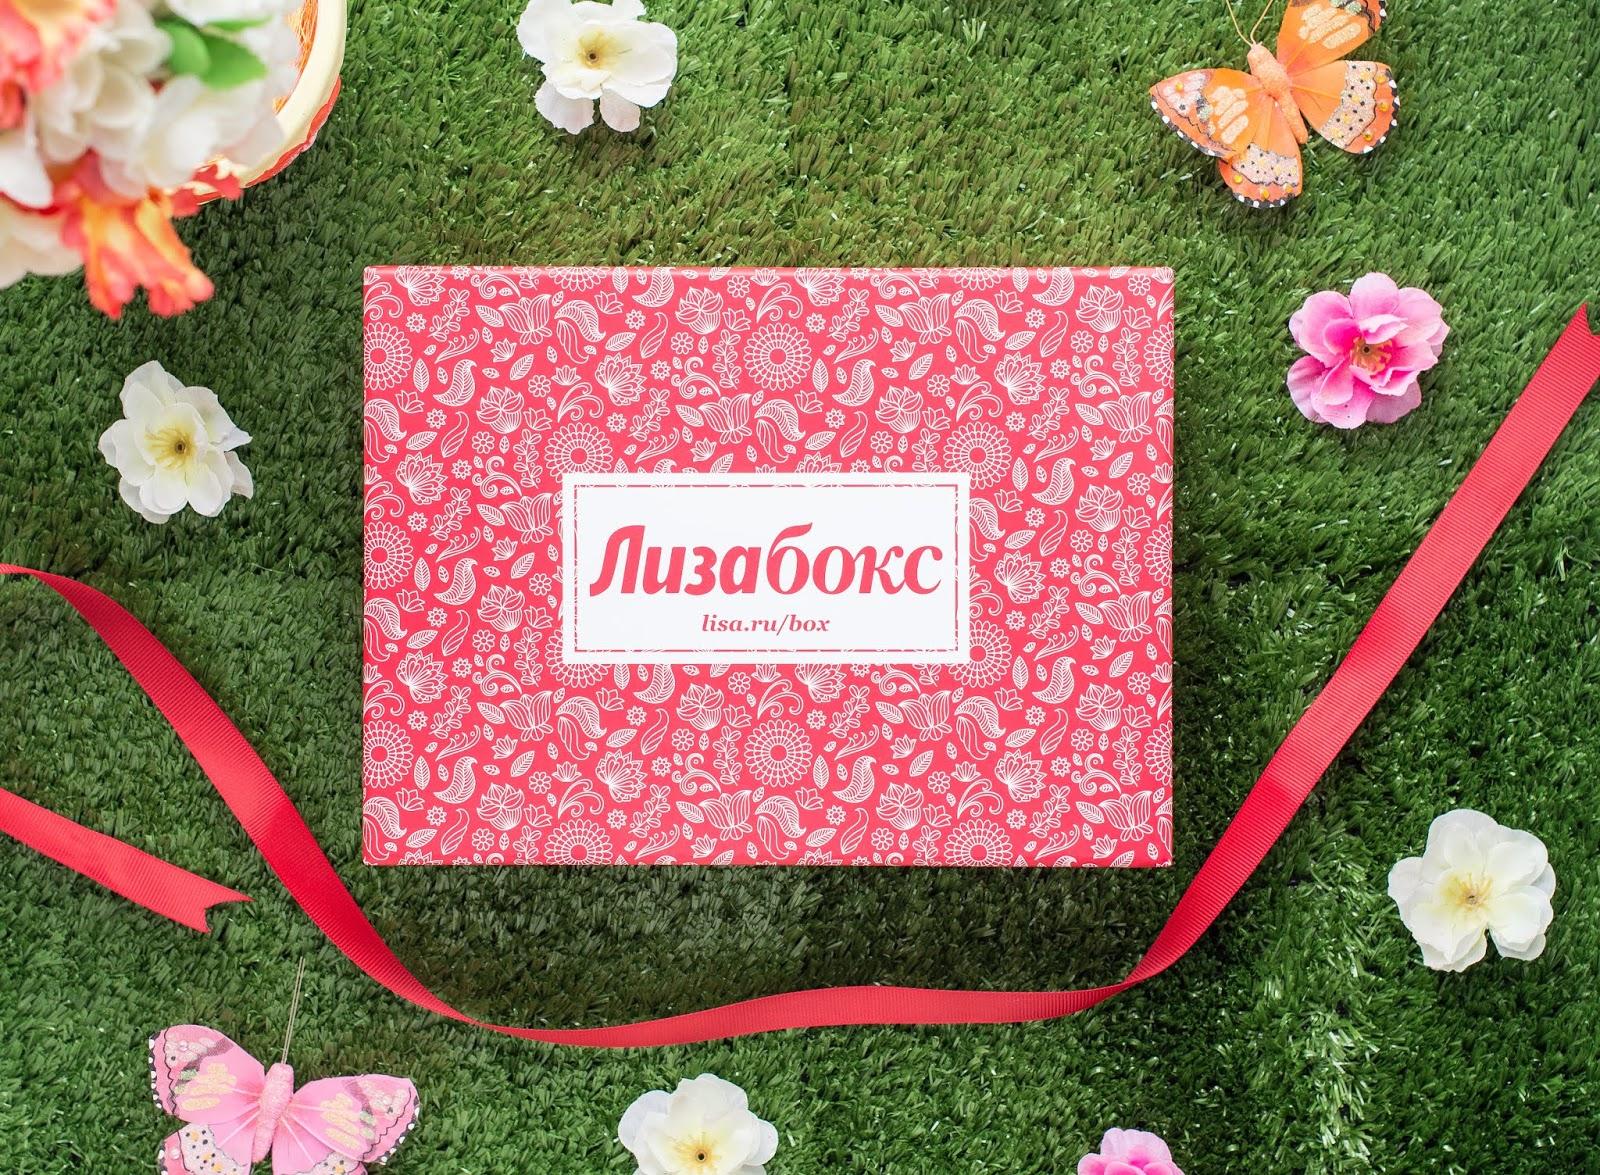 http://www.recklessdiary.ru/2018/07/liza-boks-maj-otzyvy-servis-lizaboks-zakazat-korobochka-vkontakte.html